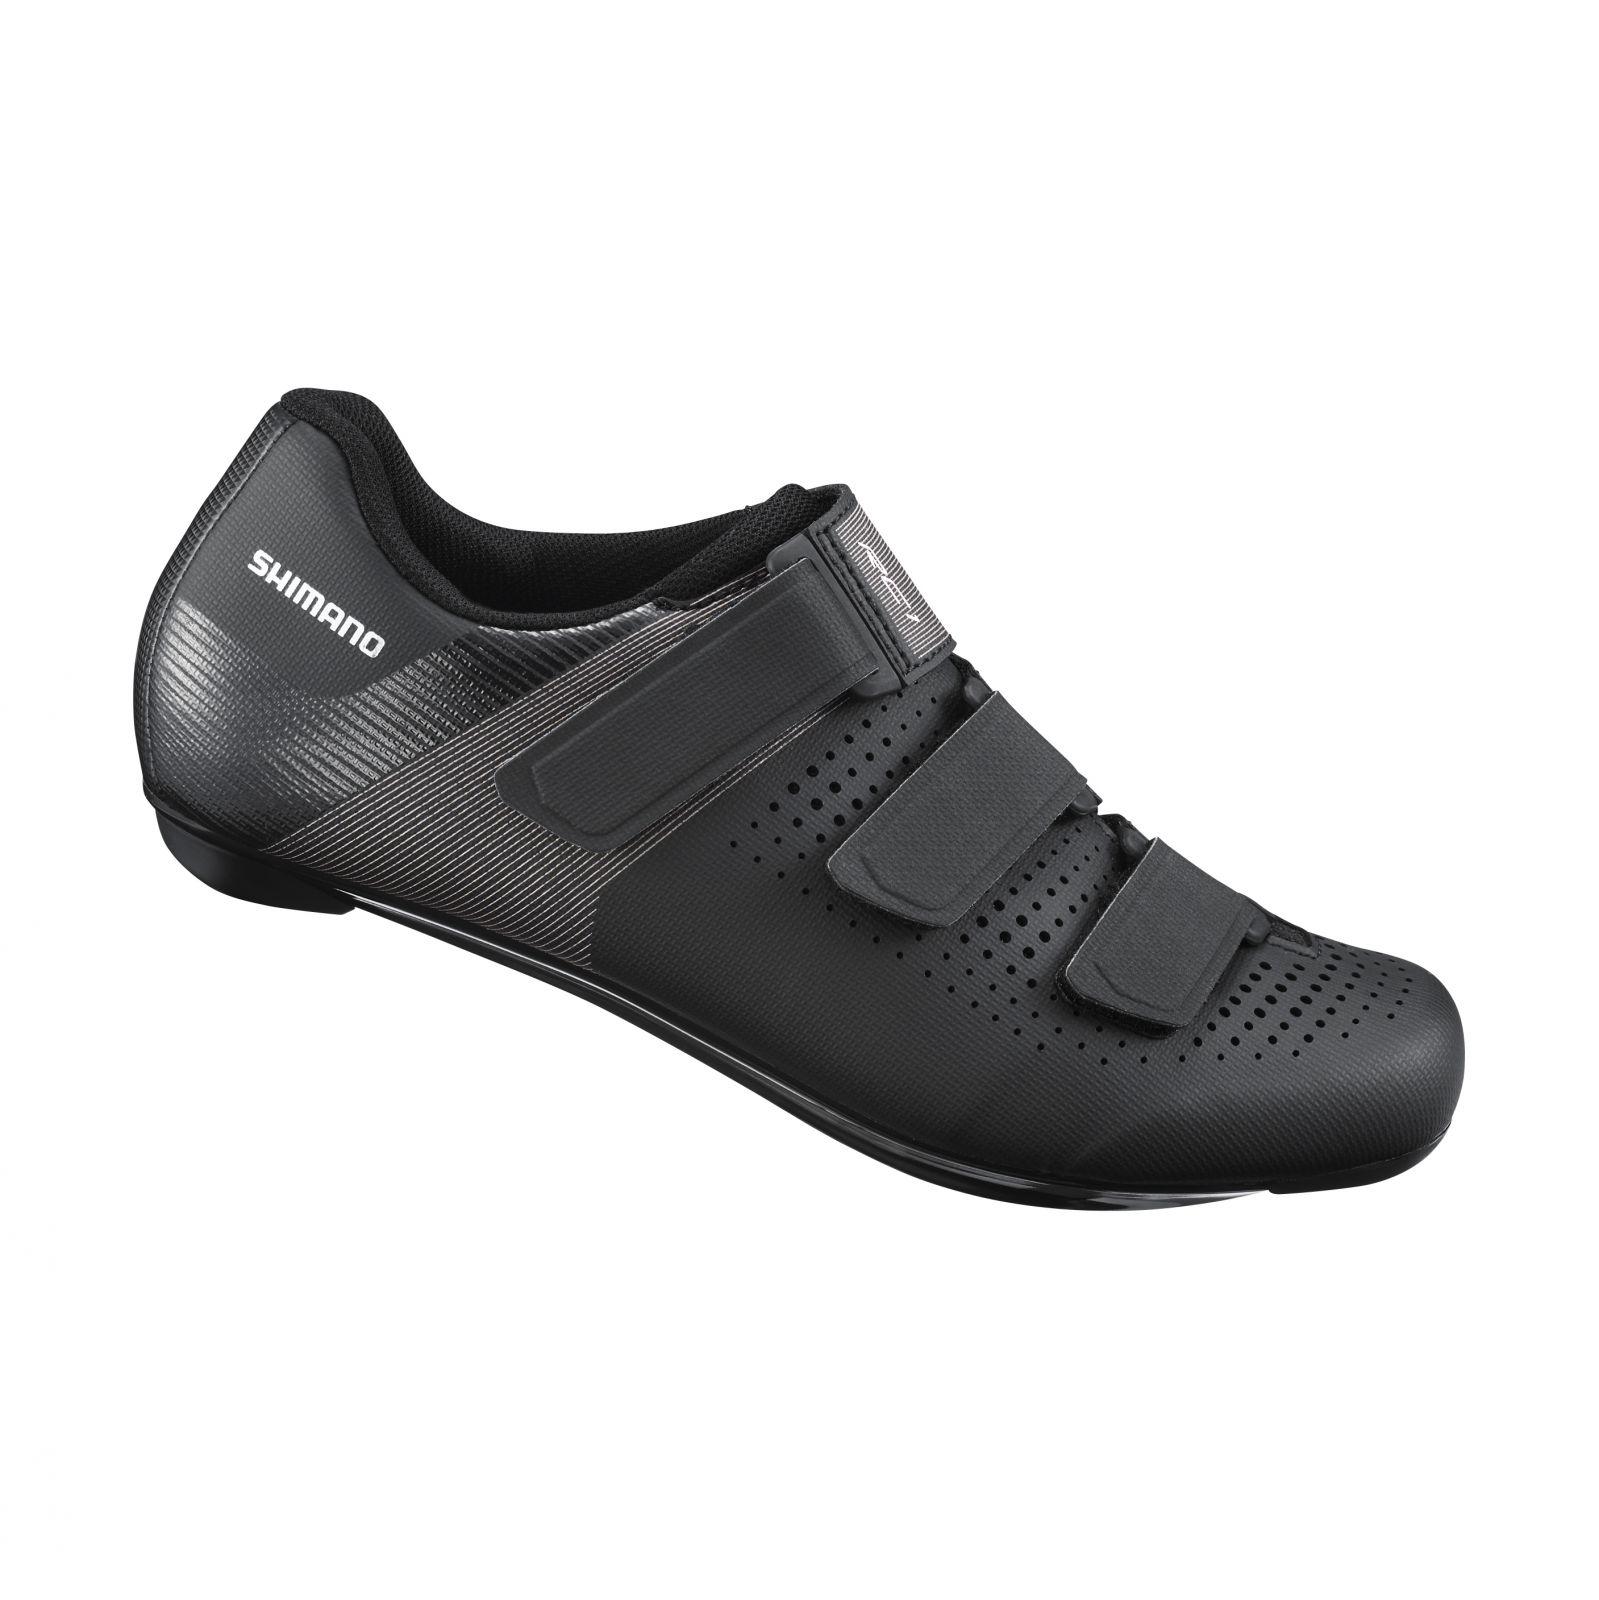 SHIMANO silniční obuv SH-RC100W, dámská, černá, 39